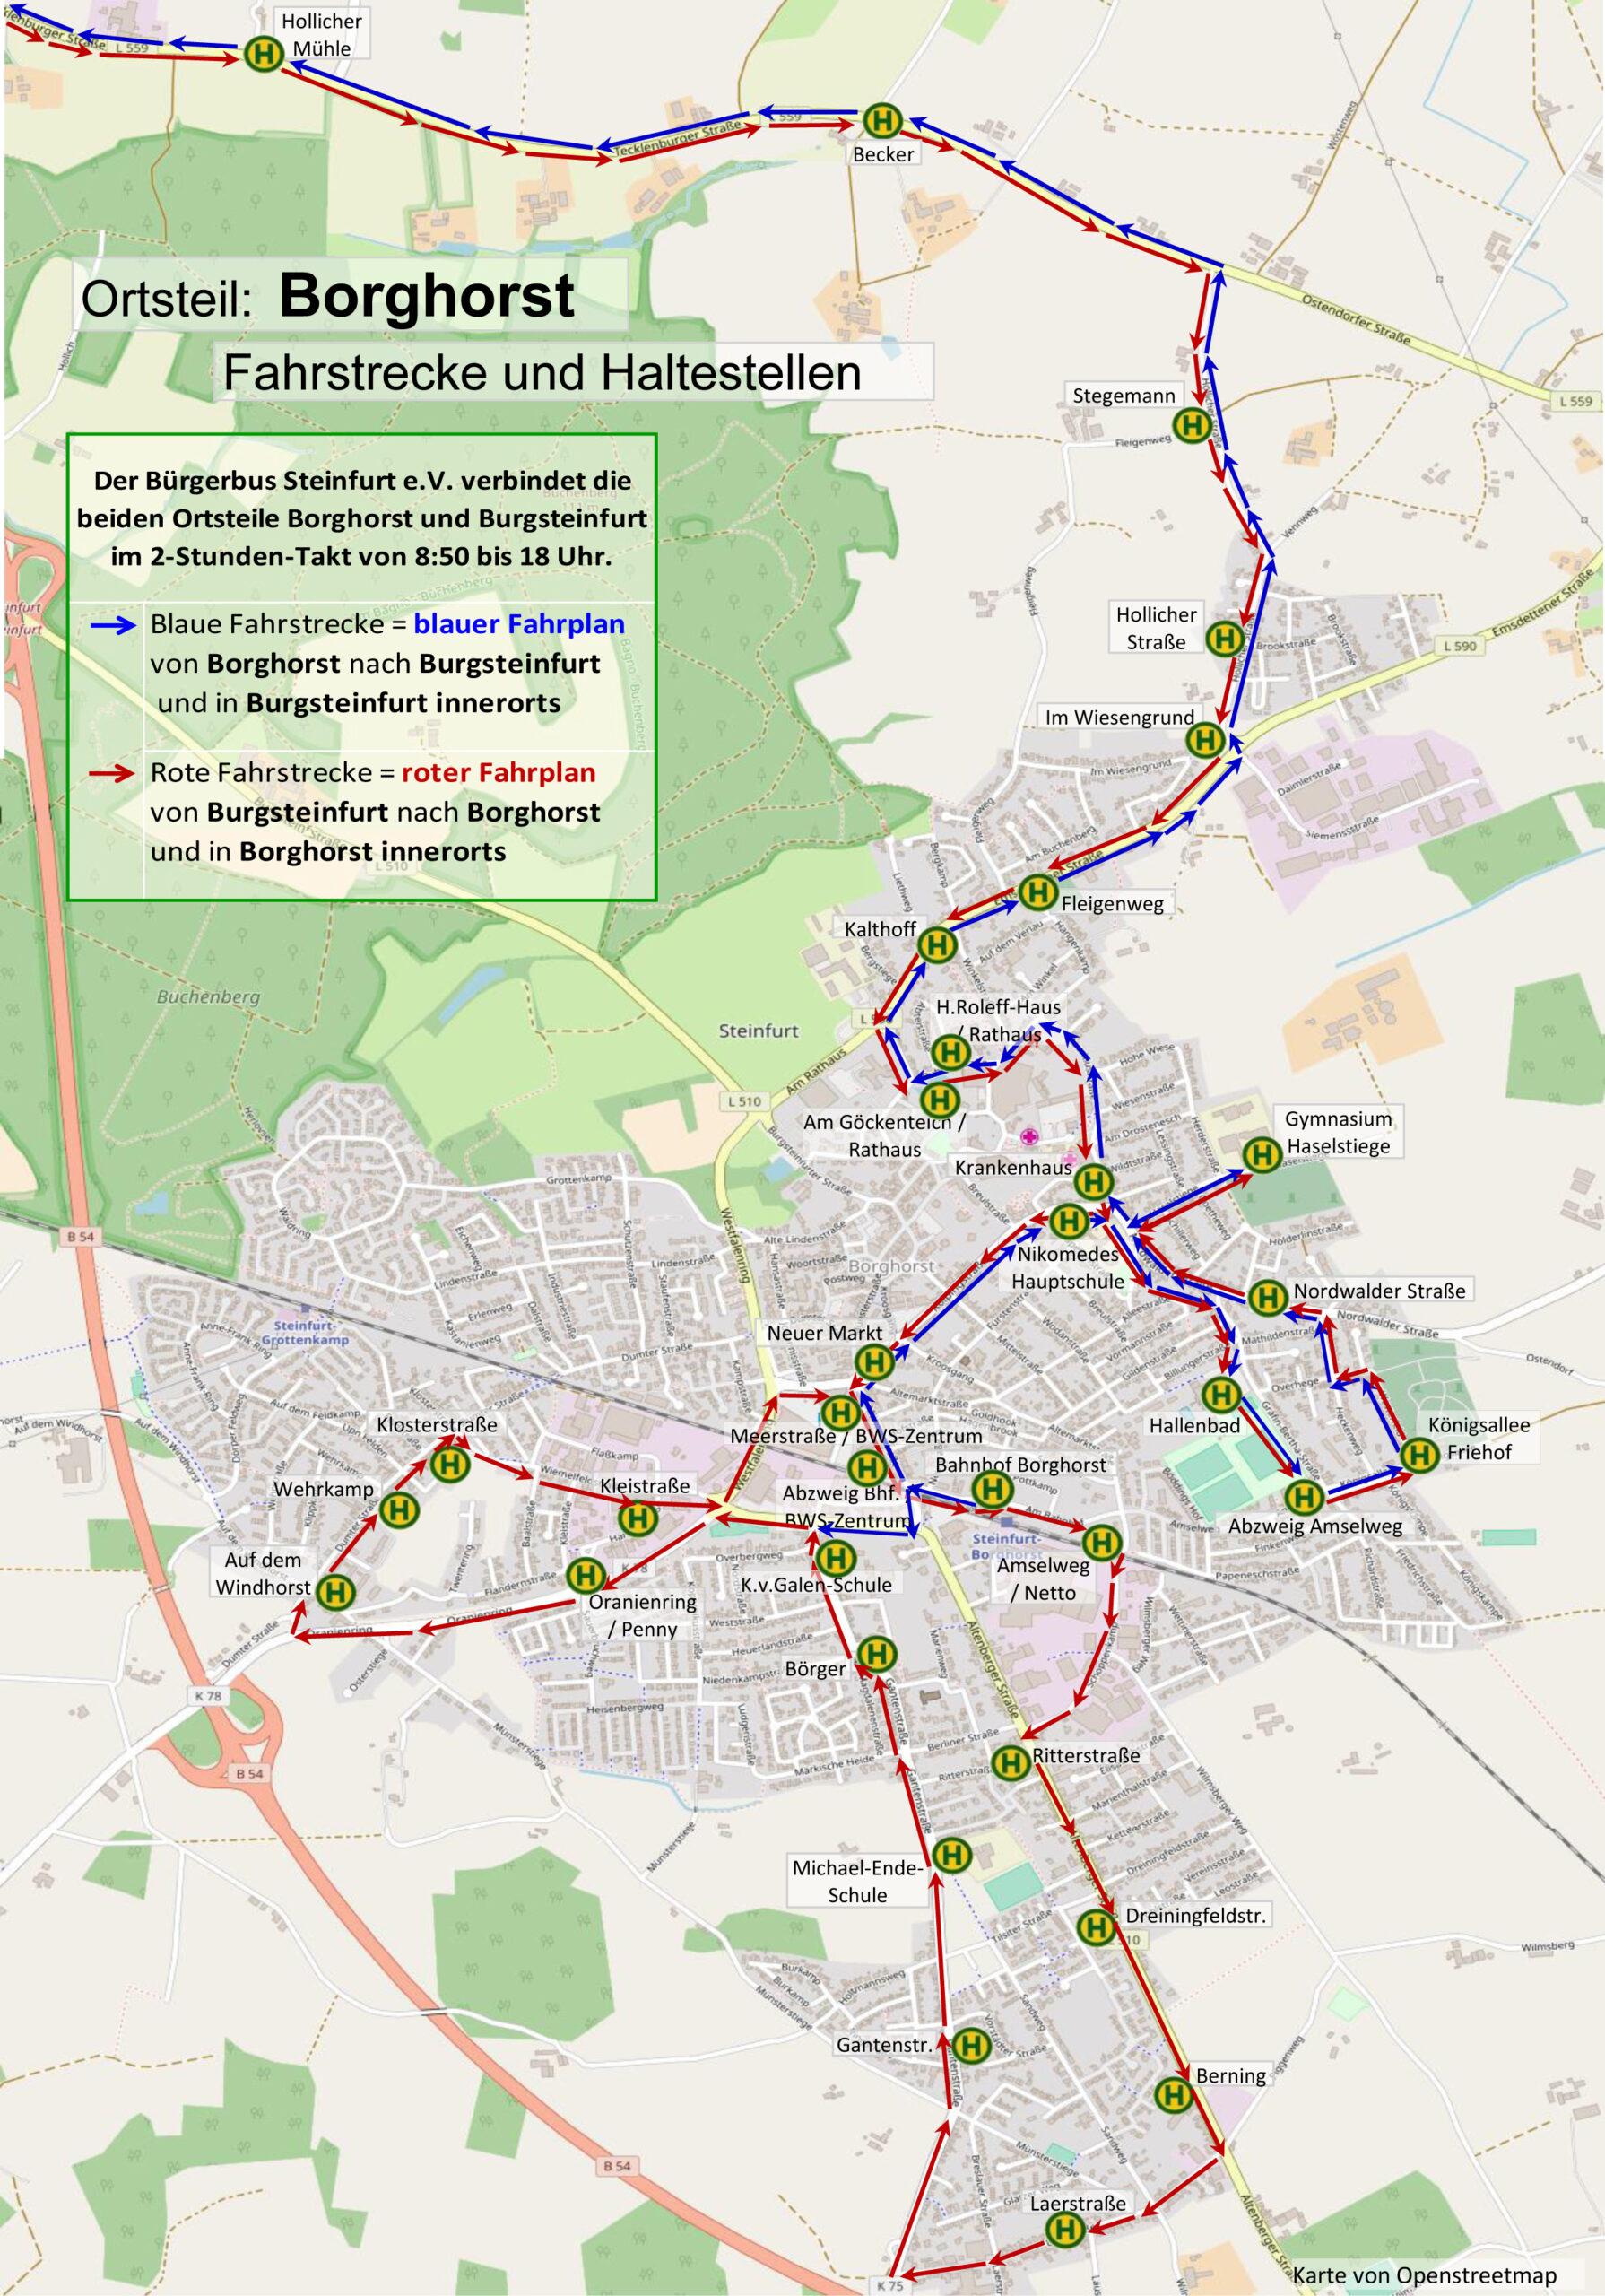 Fahrstrecke Borghorst